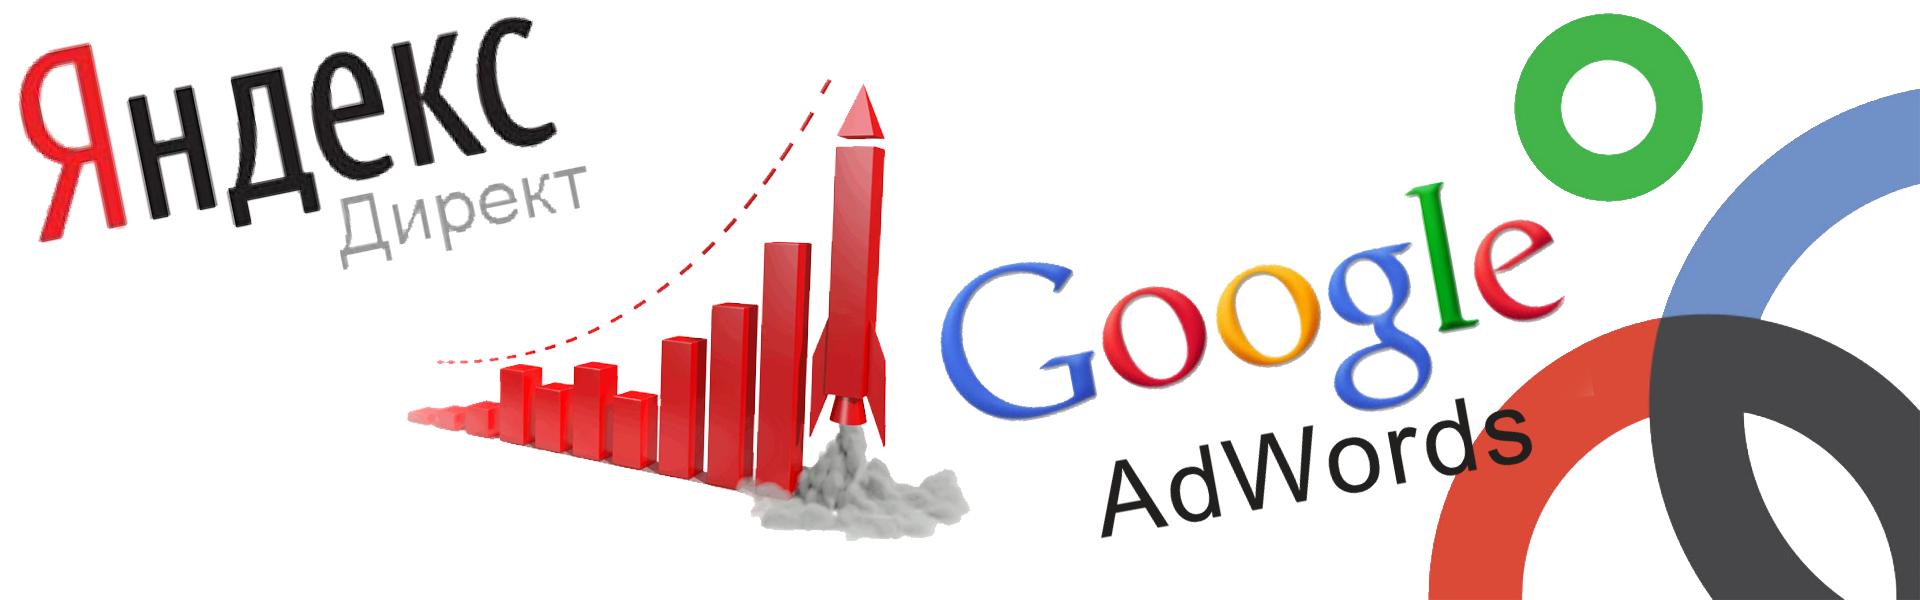 Продвижение в яндекс директе всплывающие реклама во всех браузерах